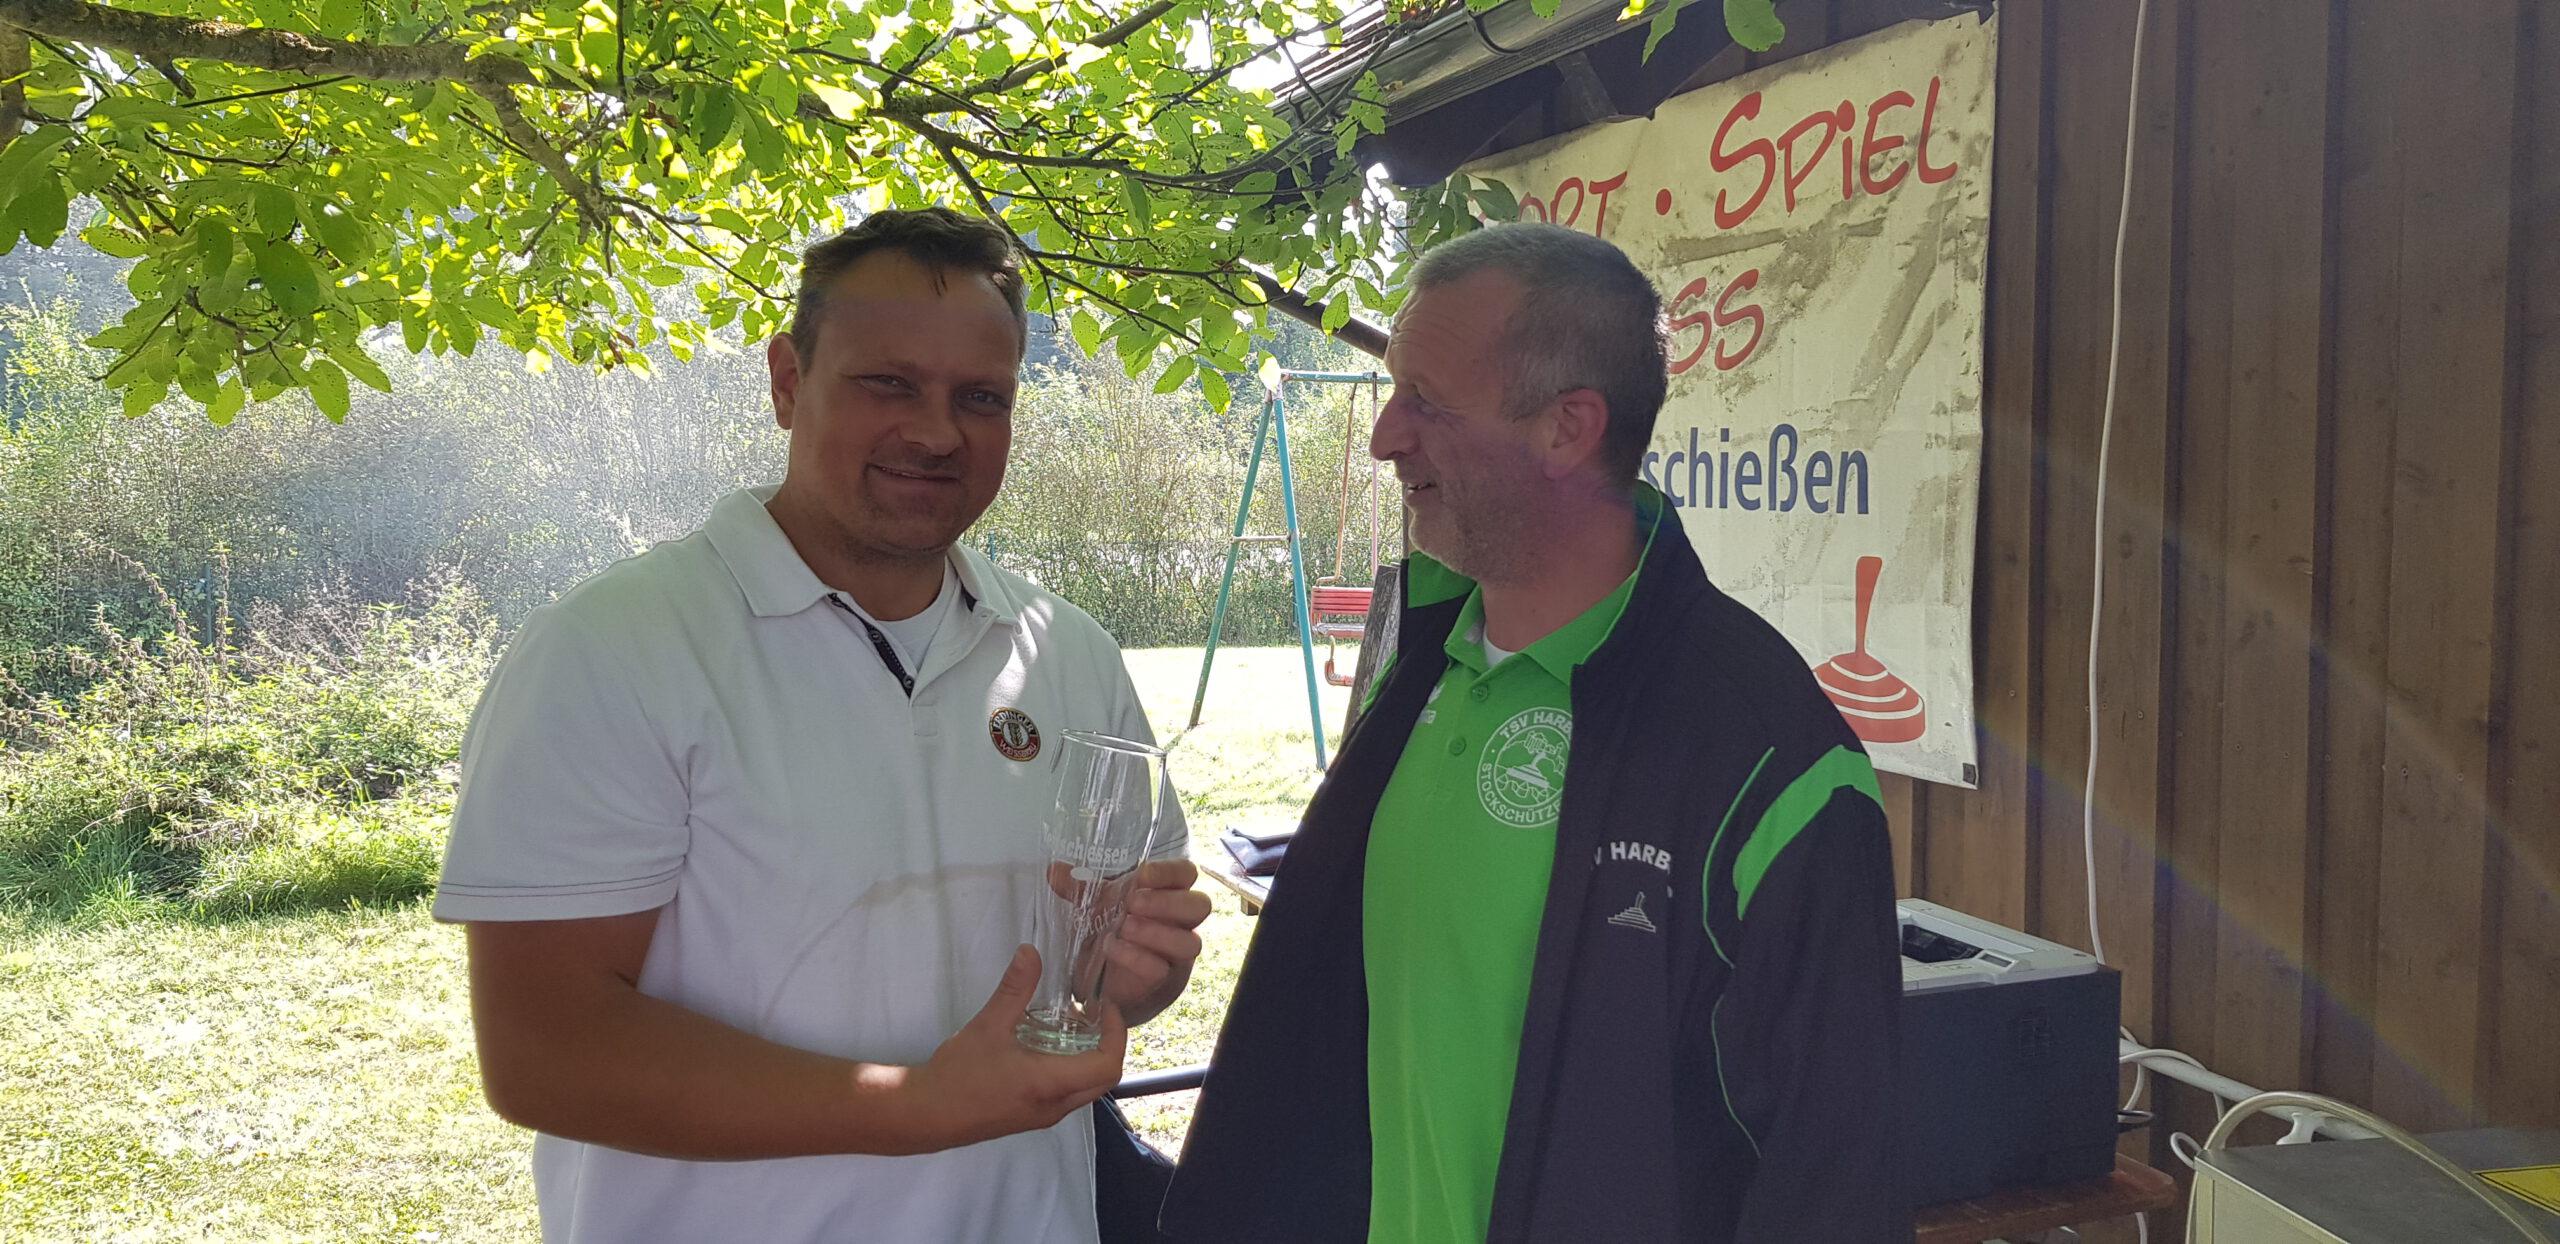 Glasgeschenk Matze von Mannschaftsführer Georg Winter vom TSV Harburg